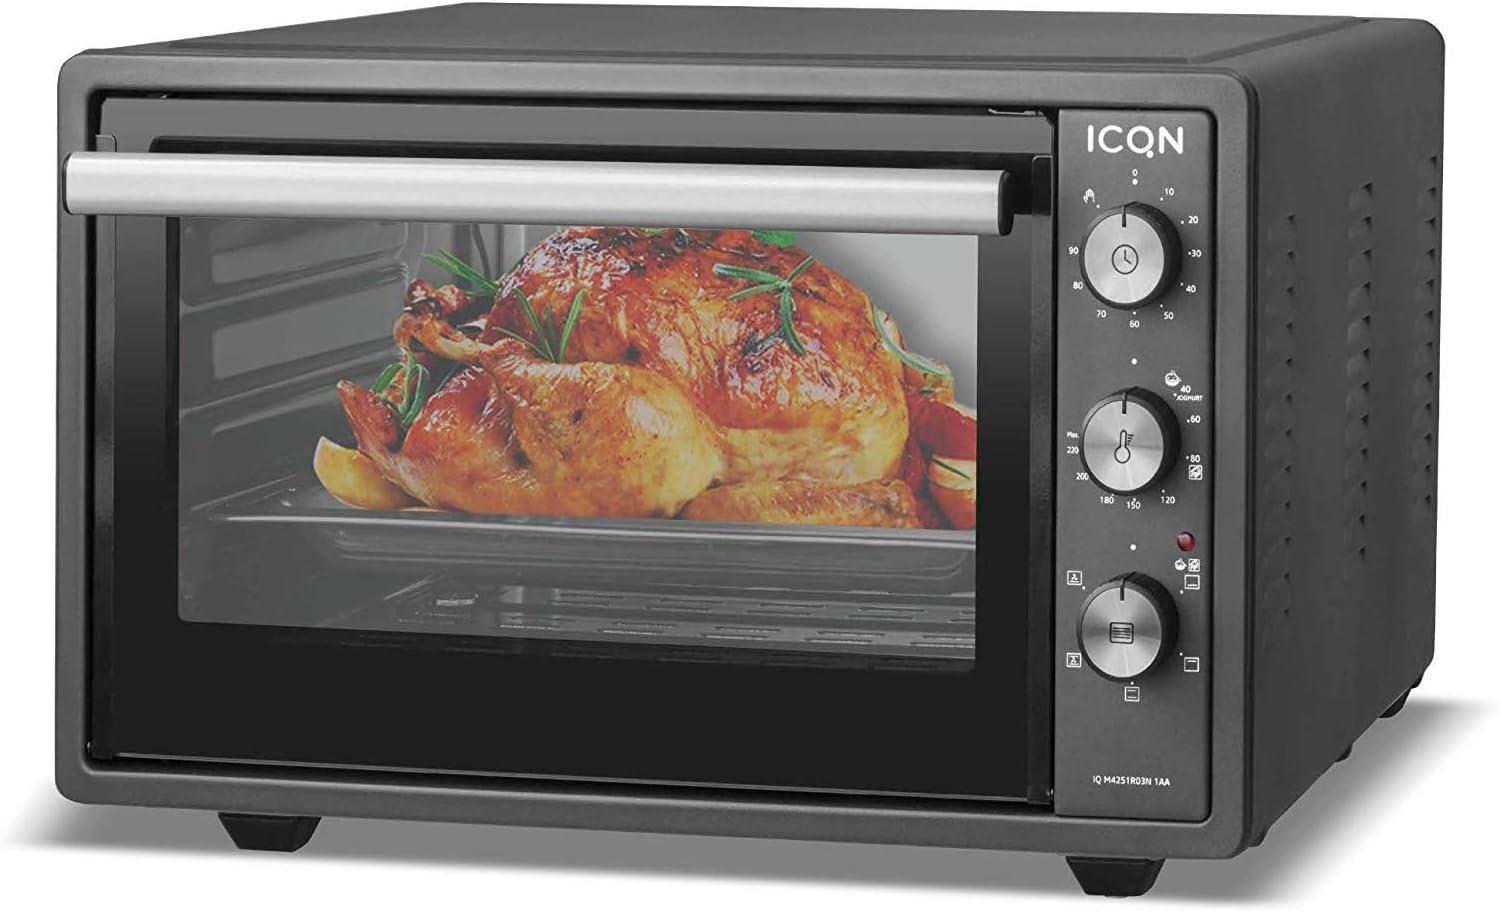 ICQN mini horno con aire forzado | Horno de pizza | Mini horno | Iluminación interior Doble acristalamiento | Función de temporizador | Esmaltado (antracita, 42 litros): Amazon.es: Hogar